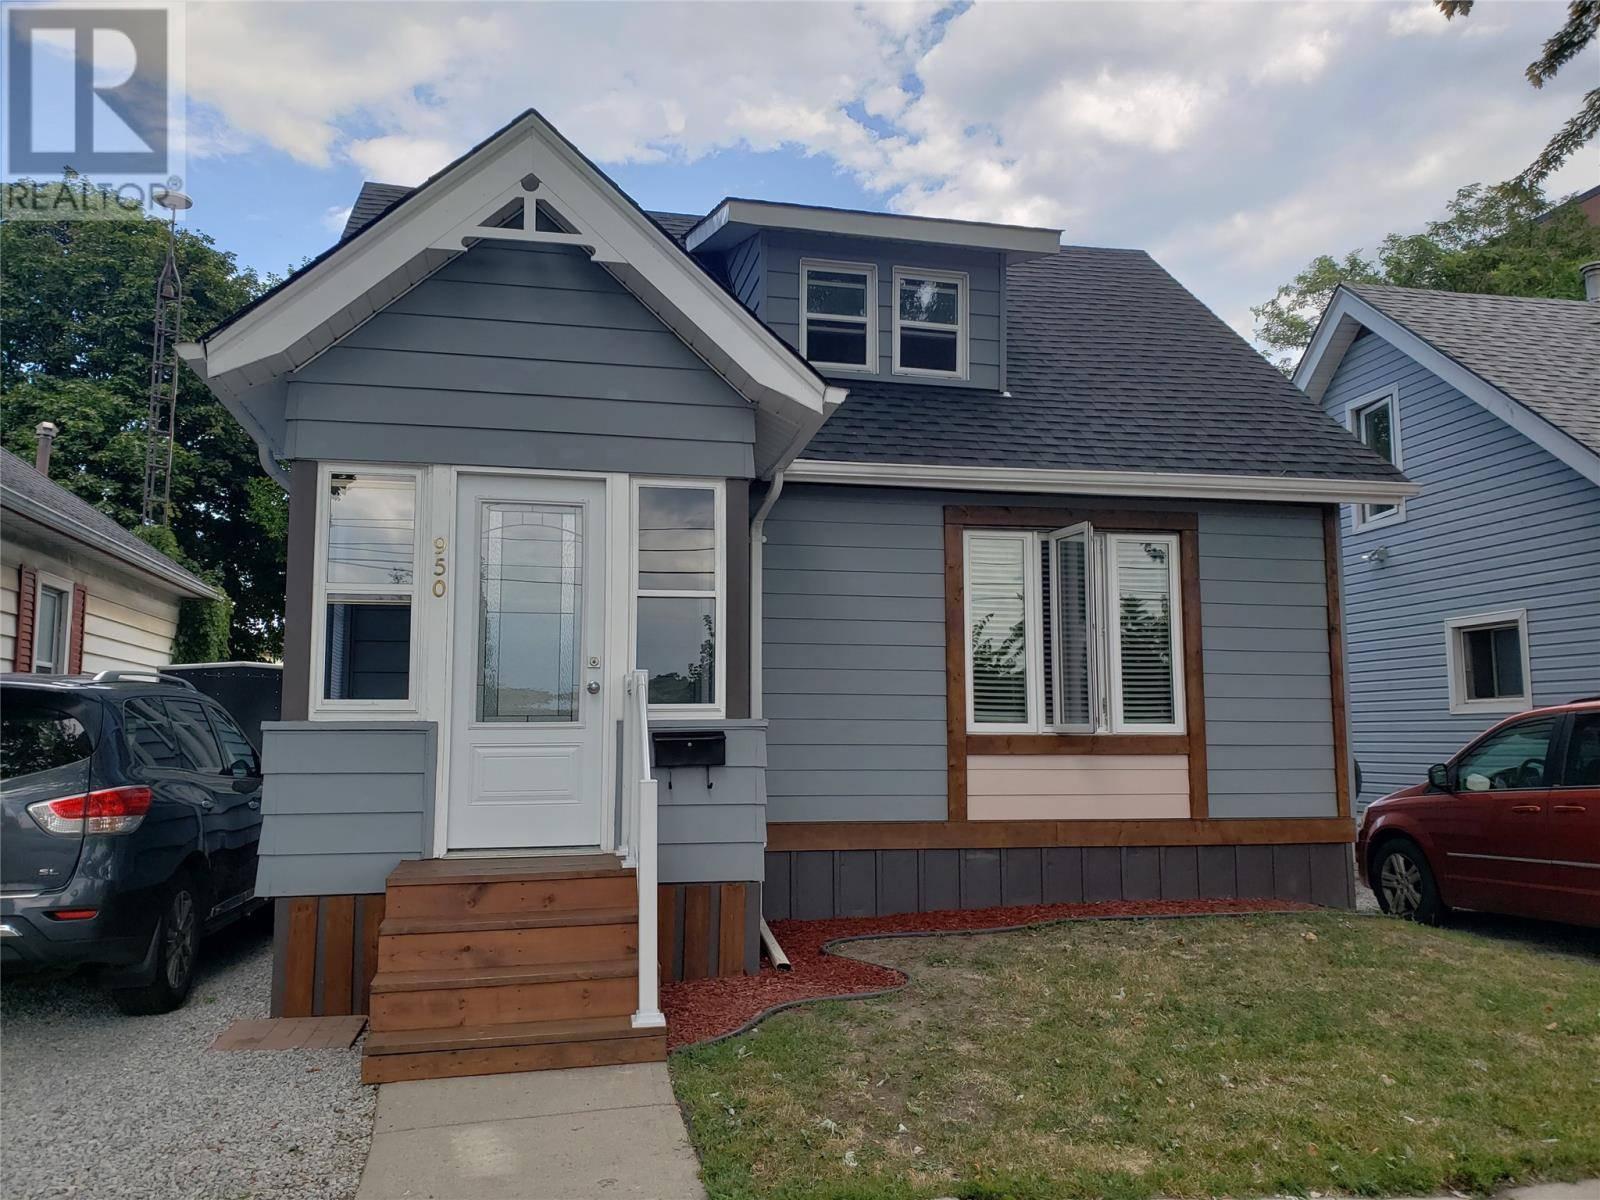 House for sale at 950 St. Luke Rd Windsor Ontario - MLS: 19028189